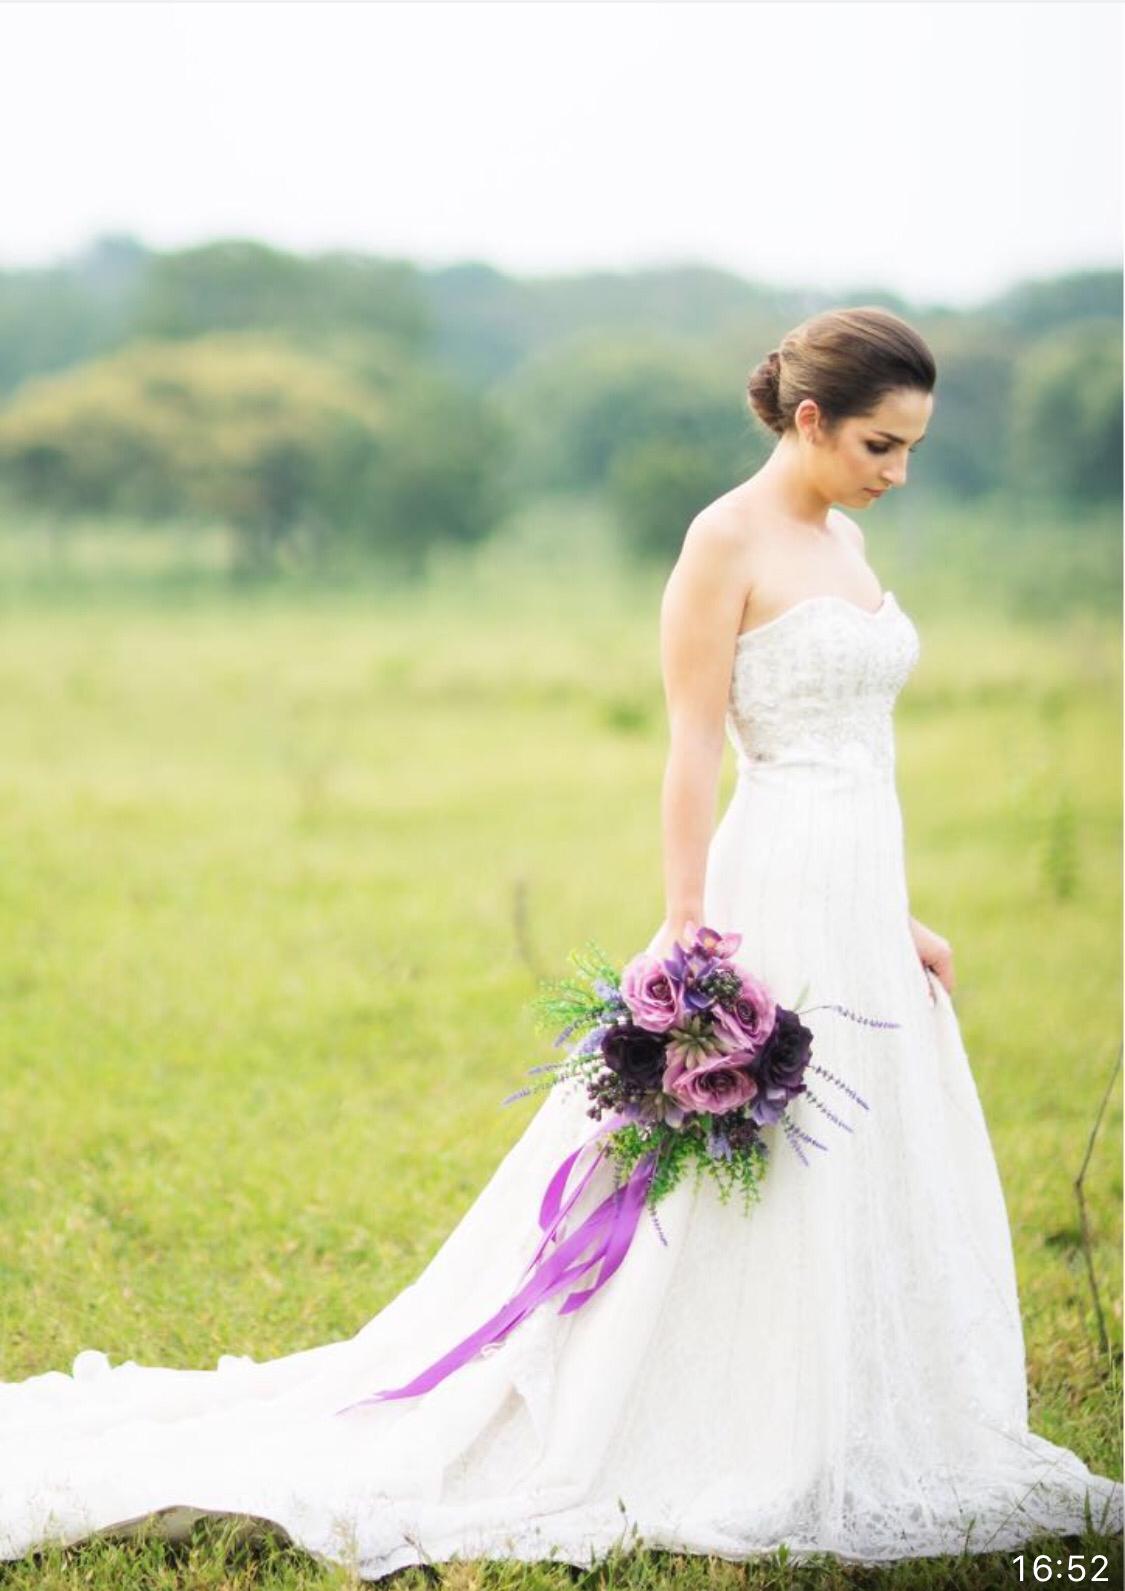 Ziemlich Pippa Middleton Stil Brautjungfer Kleid Bilder ...